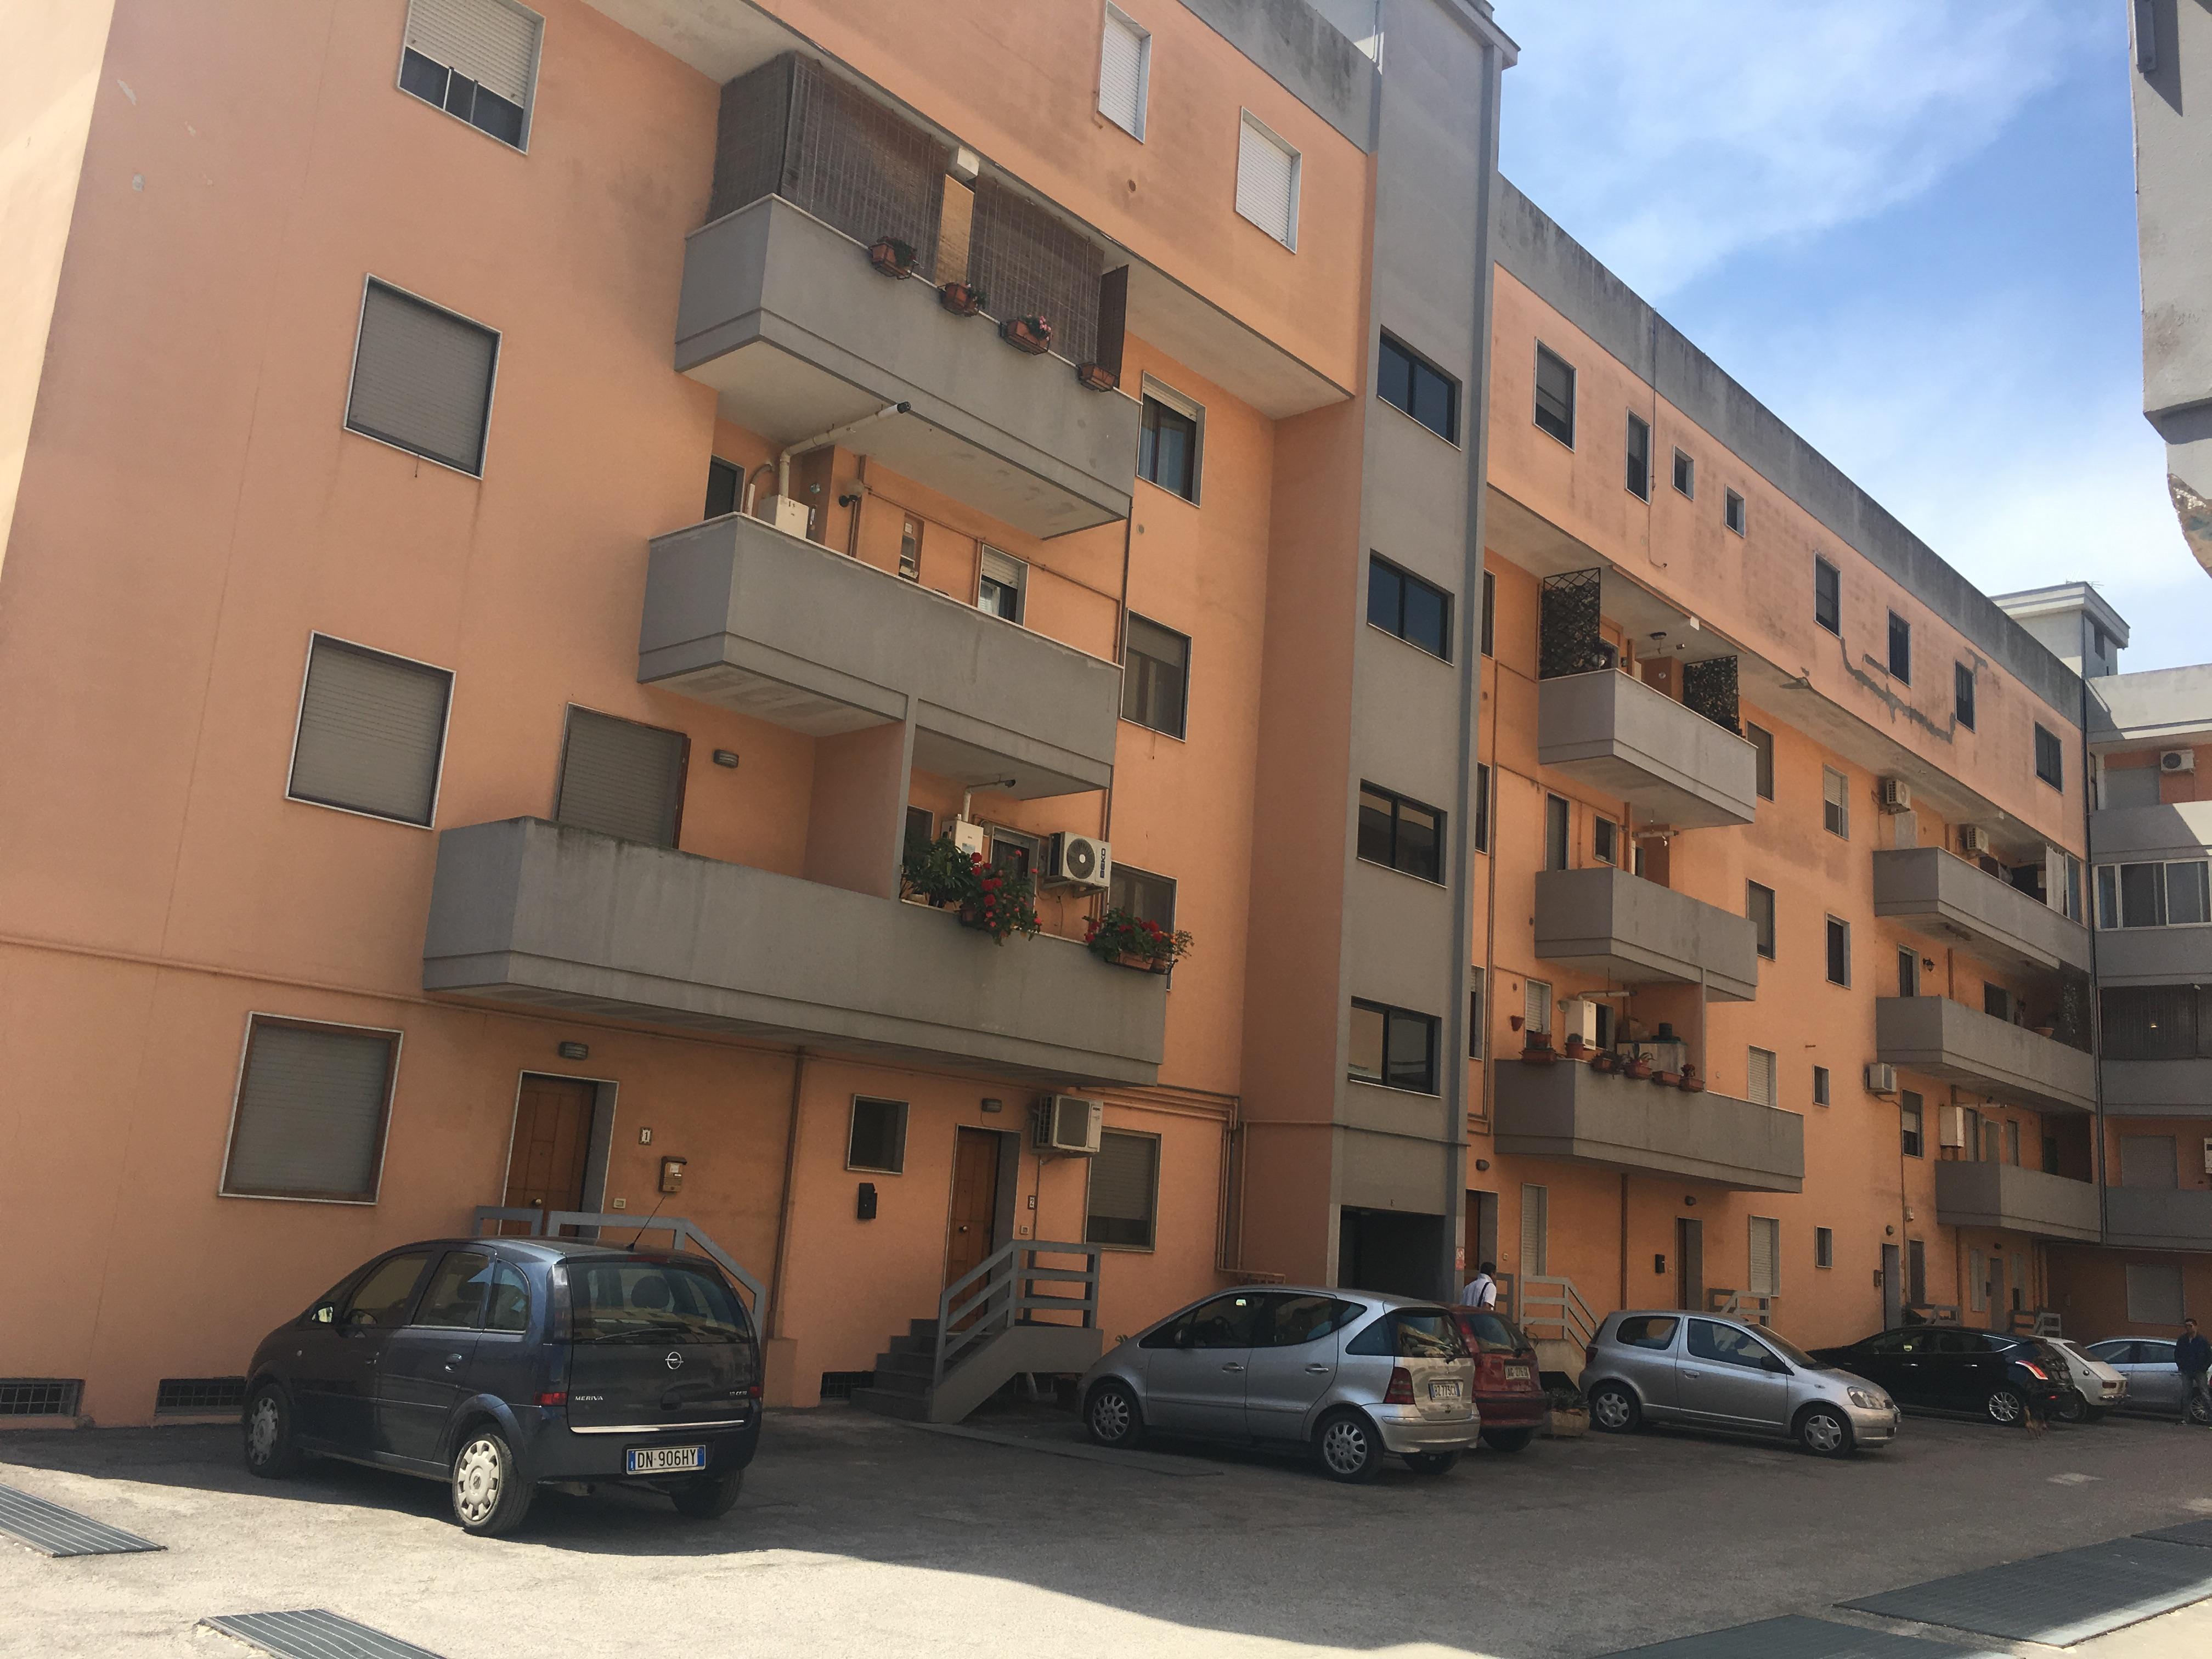 Appartamento 2°piano rif.381